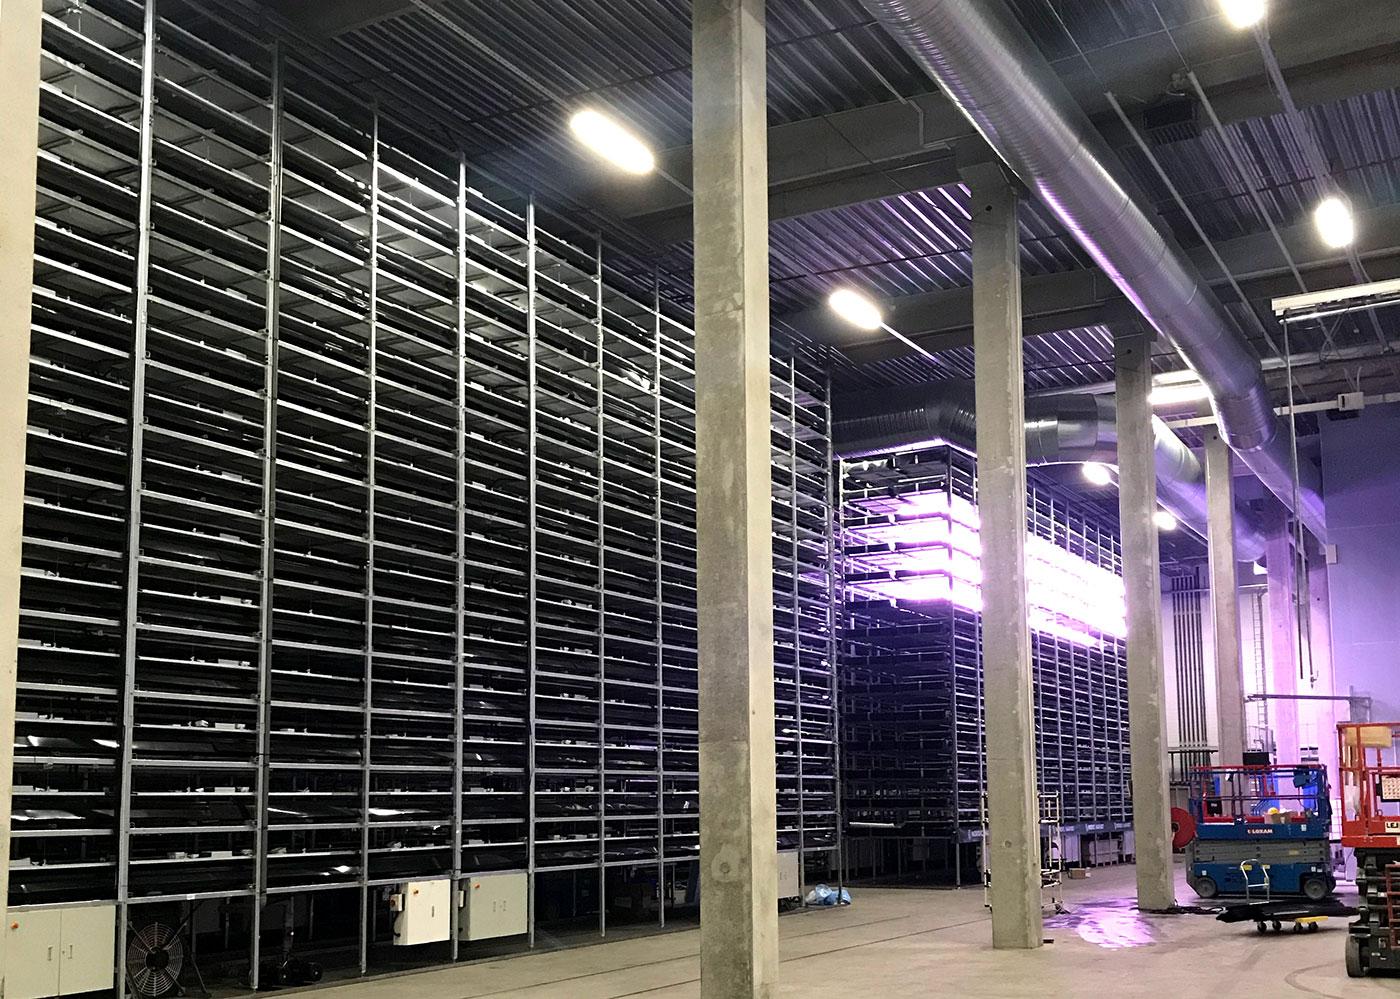 indendørs foto af det vertikale landbrug, da lysene begyndte at blive tændt